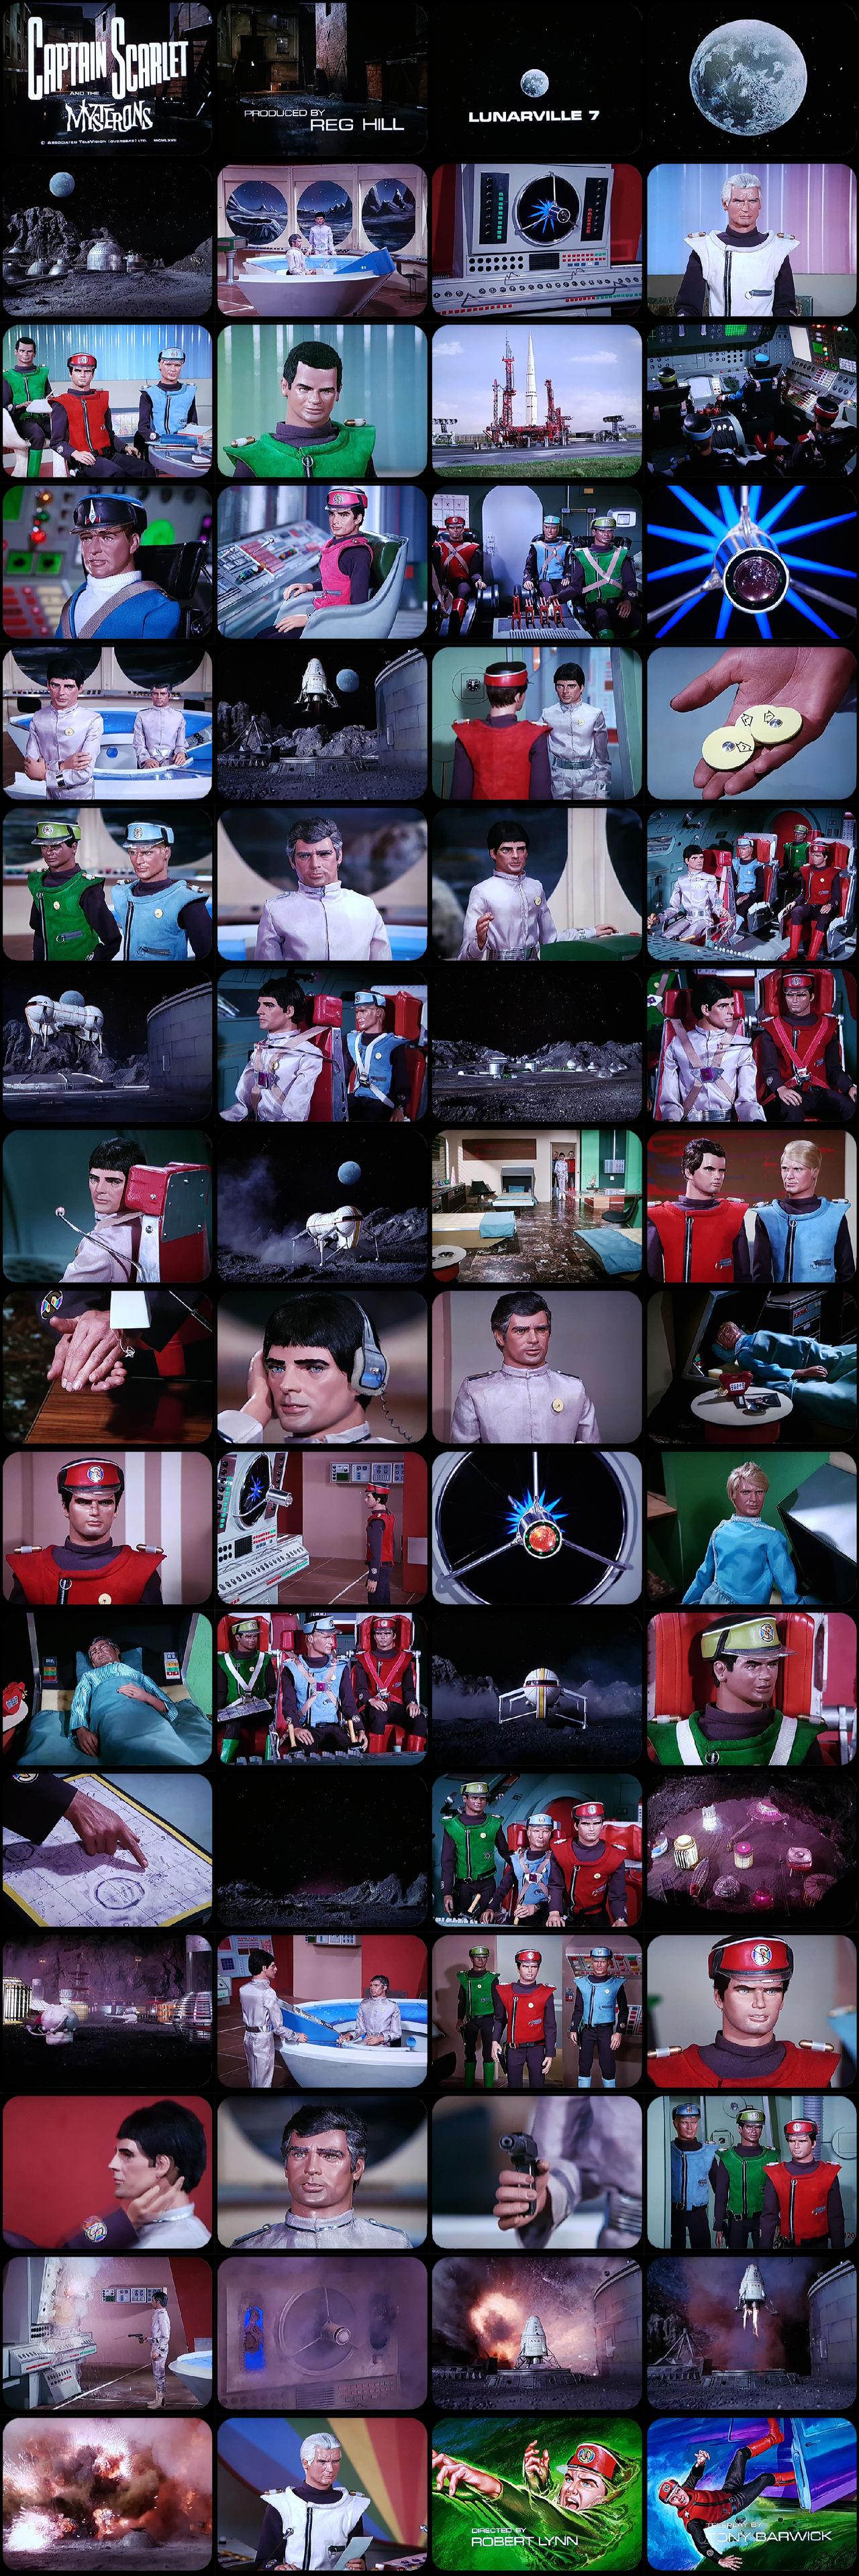 Captain Scarlet Episode 16 Tele-Snaps